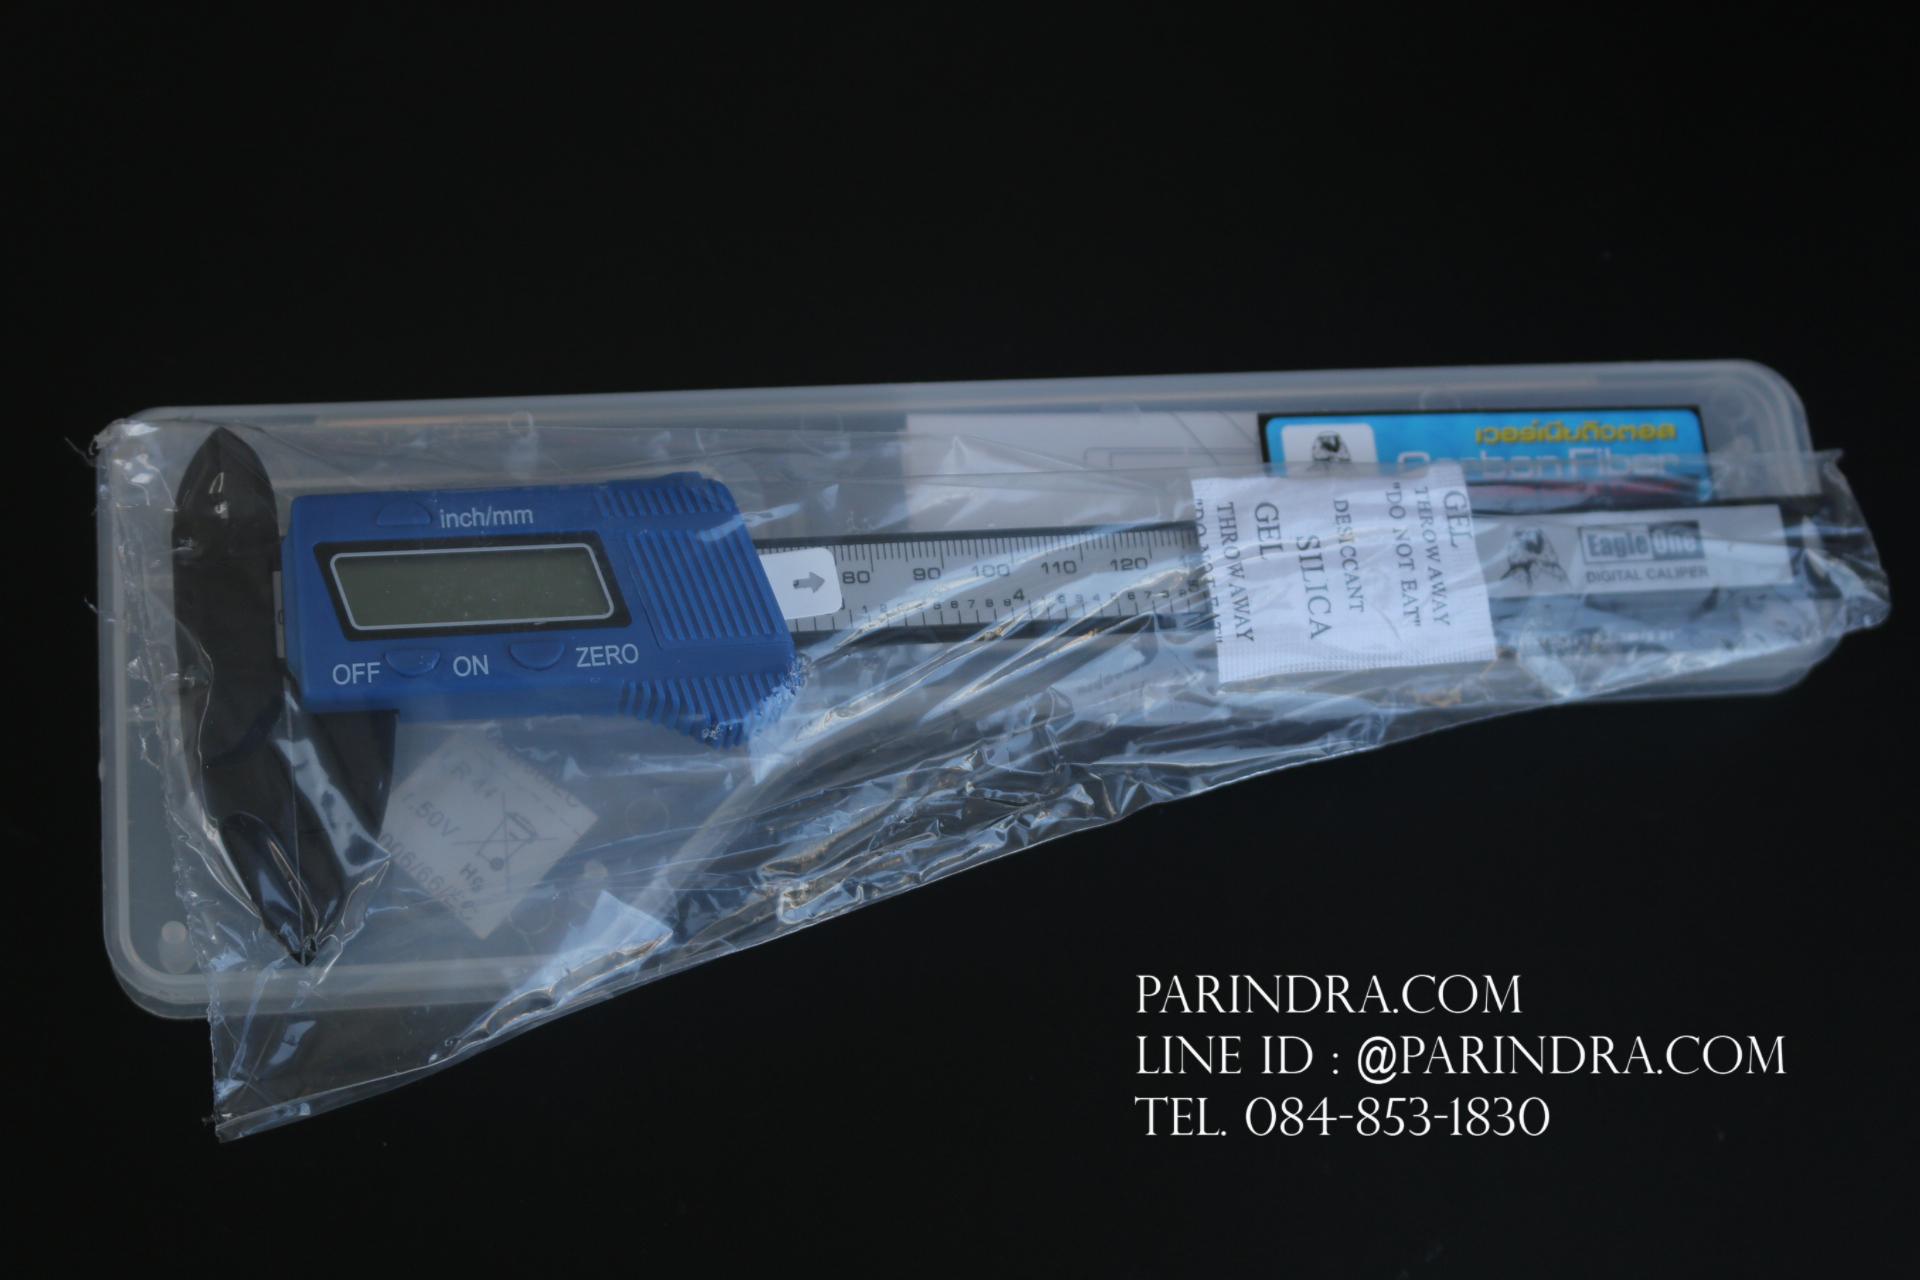 เครื่องวัดดิจิตอล Digital Vernier caliper เวอร์เนียร์ คาลิปเปอร์ Carbon Fiber